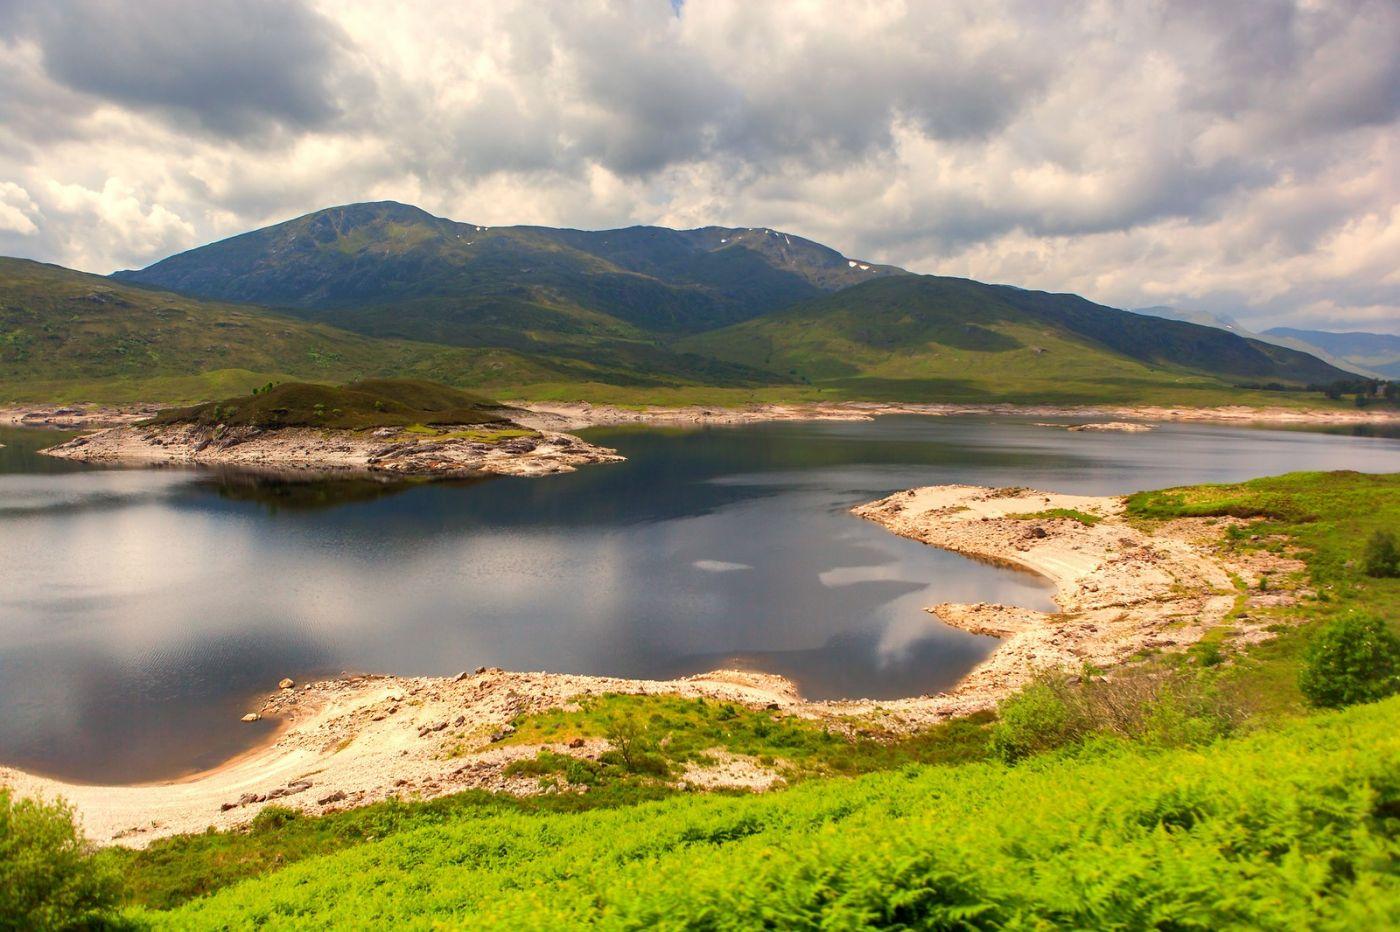 苏格兰美景,弯弯的沙滩_图1-29